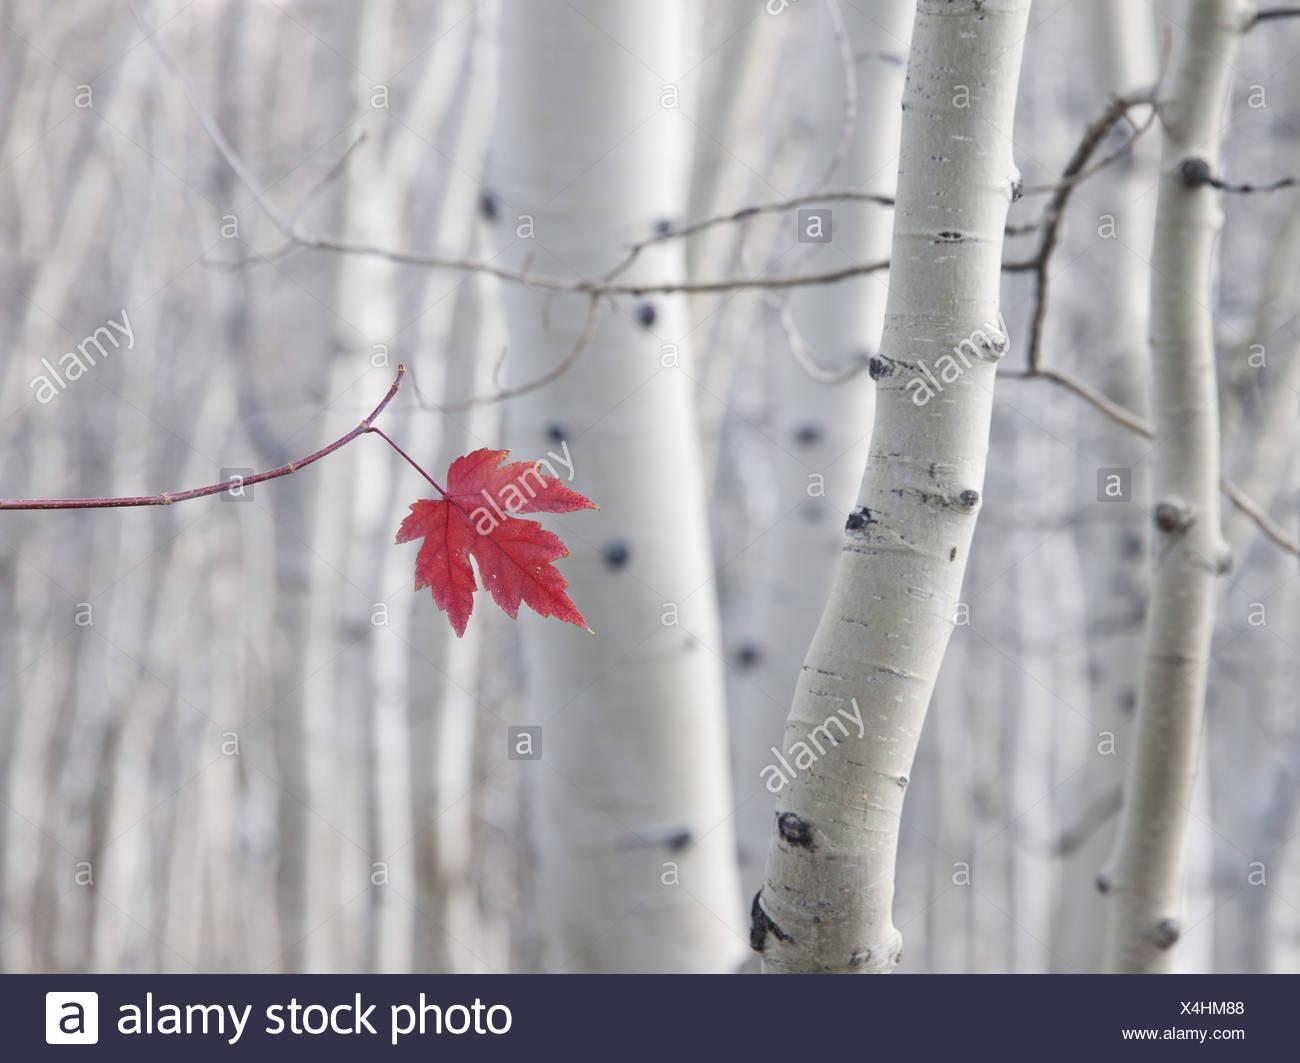 Una sola hoja de arce rojo en otoño, con un trasfondo de Aspen los troncos con corteza de color crema y blanco. Bosque Nacional Wasatch. Imagen De Stock